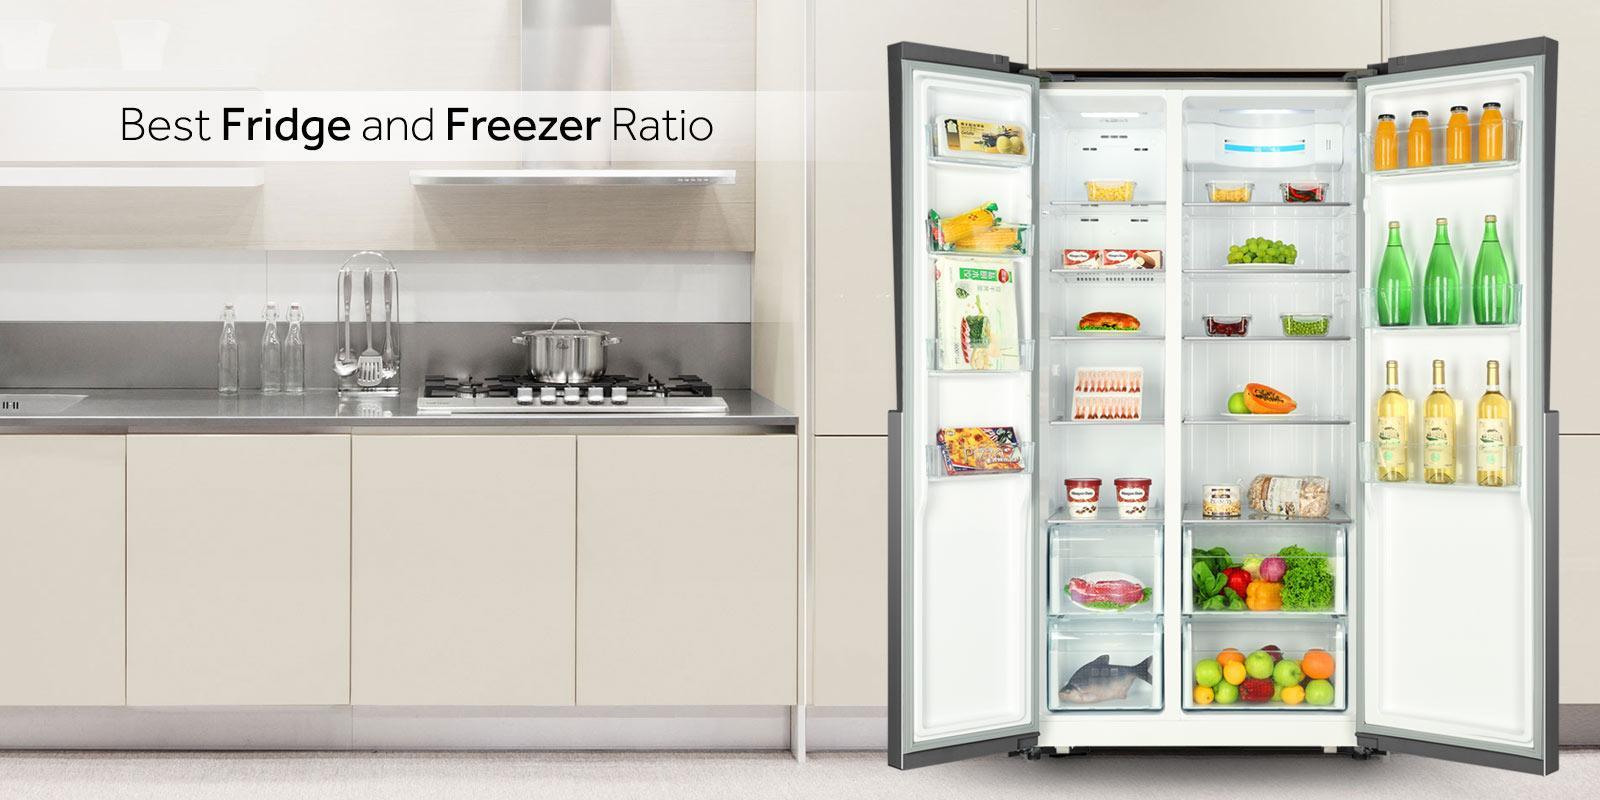 haier hrf 618 ss frost free side by side inverter. Black Bedroom Furniture Sets. Home Design Ideas